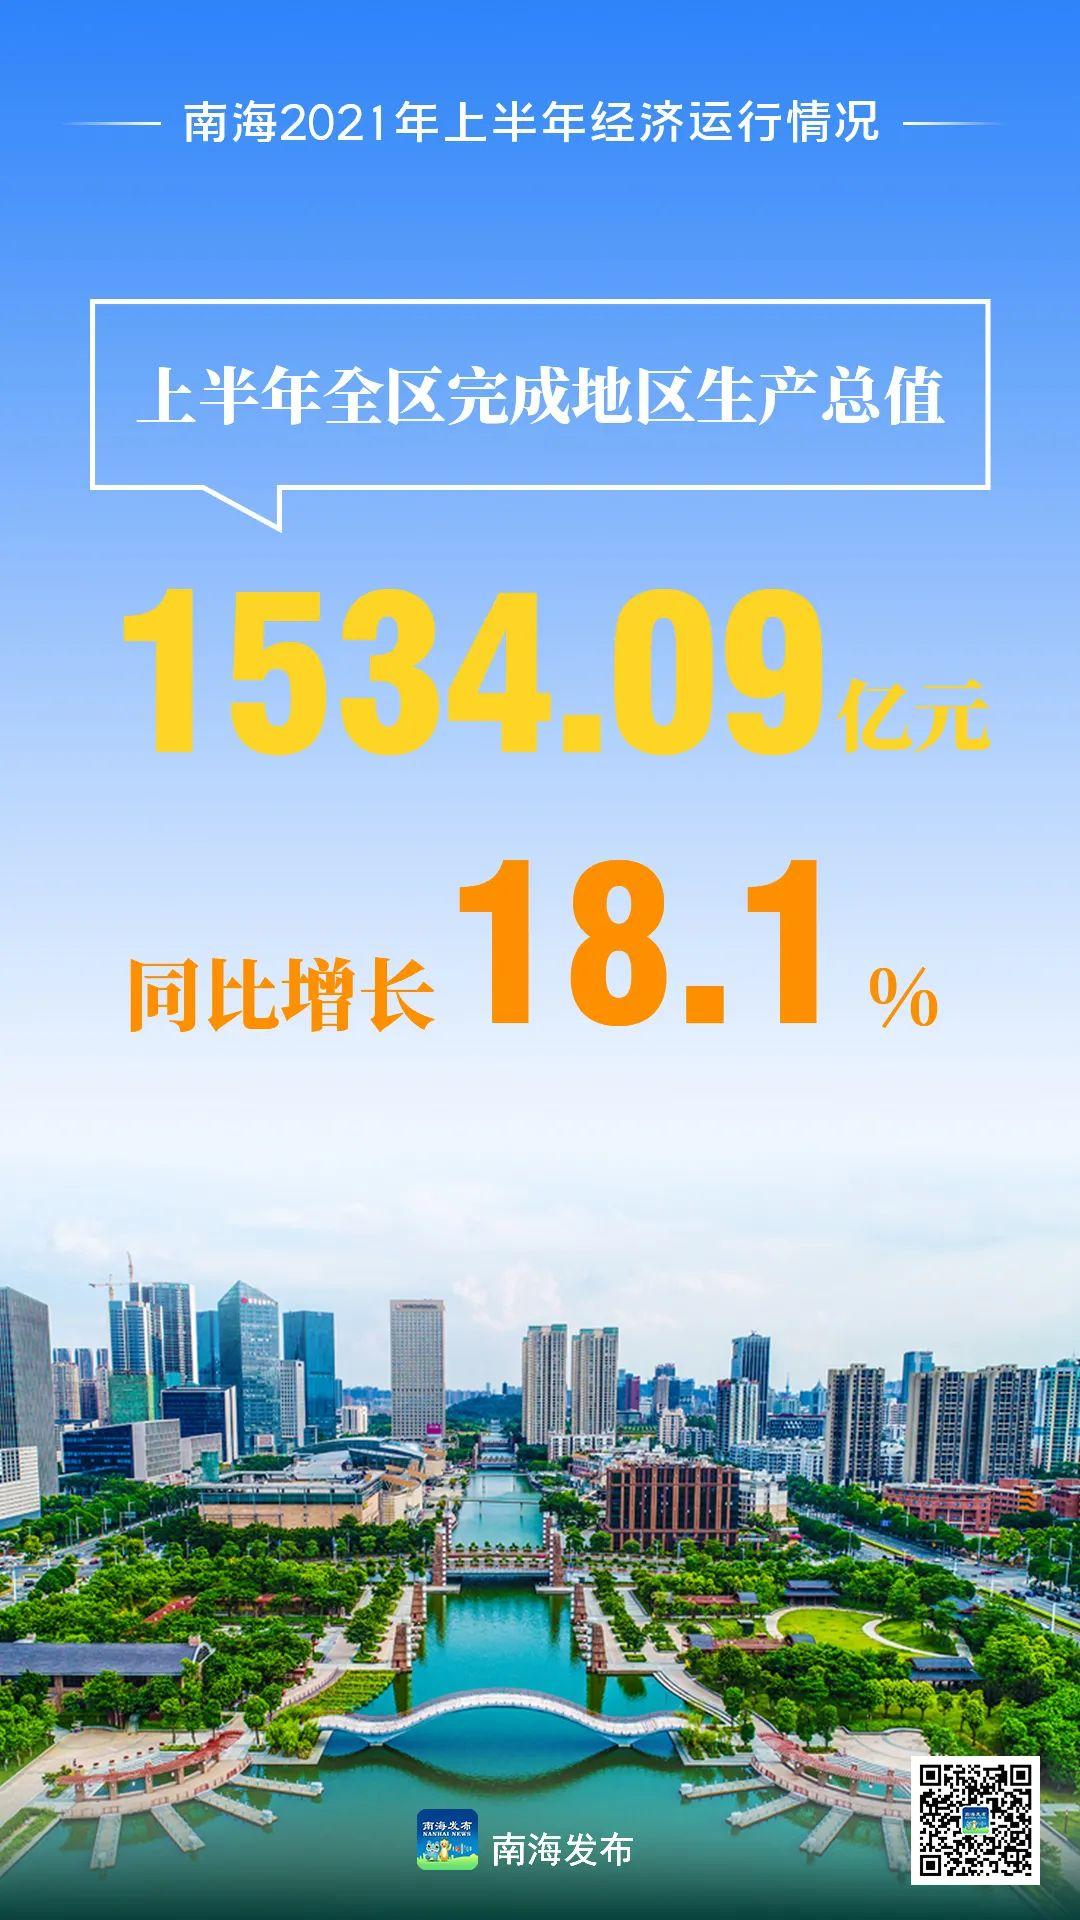 南海gdp_南海这个镇街GDP同比增长17%!视频直击三山片区重点项目→